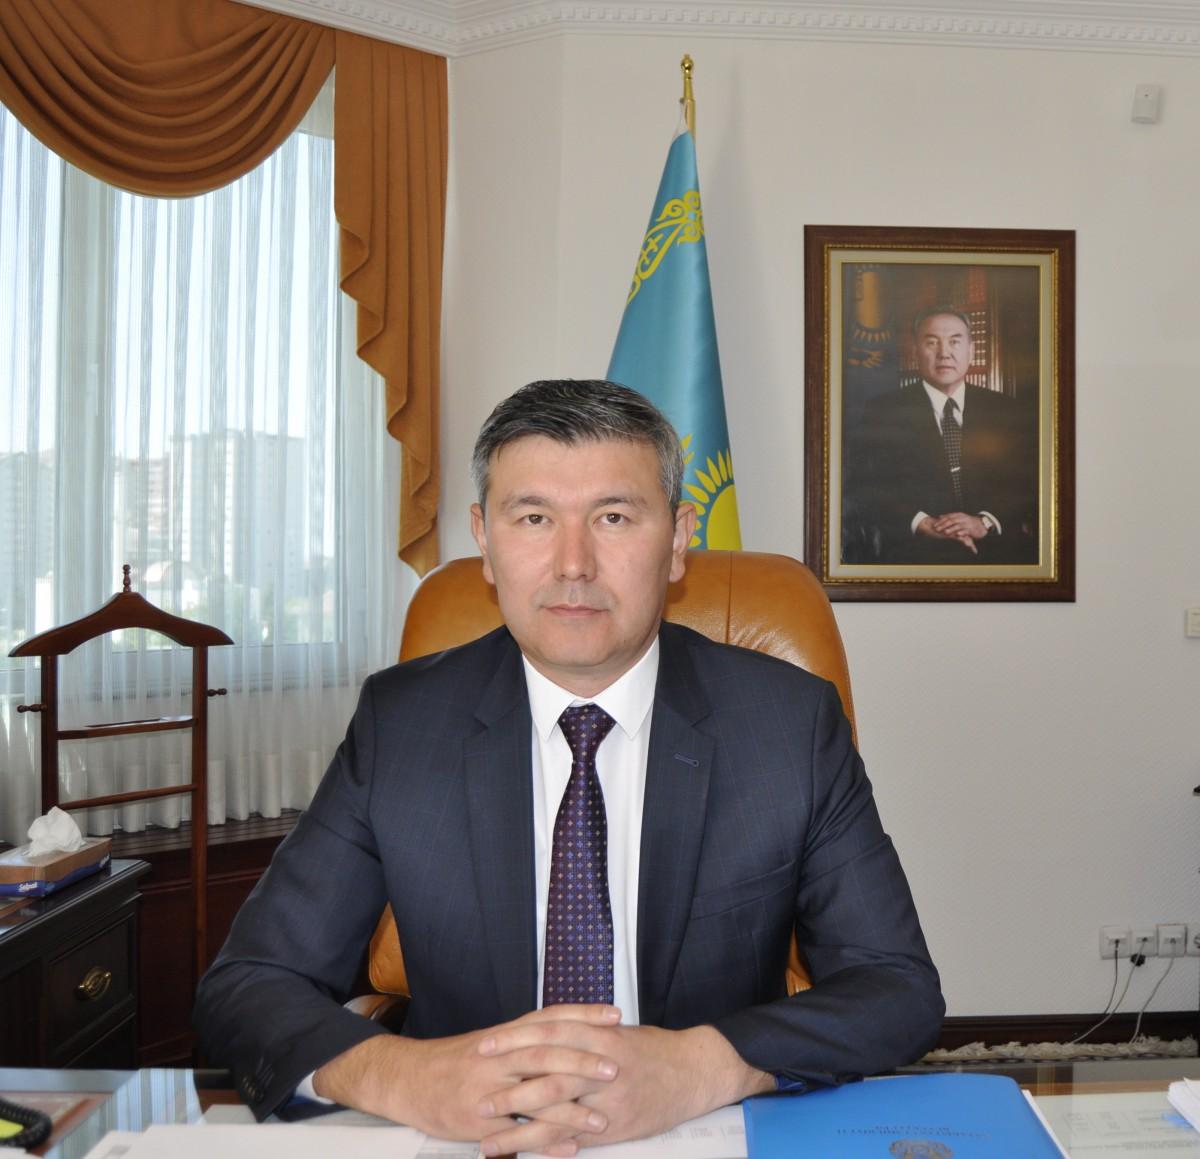 Қазақ-түрік әуелден егіз ұғым